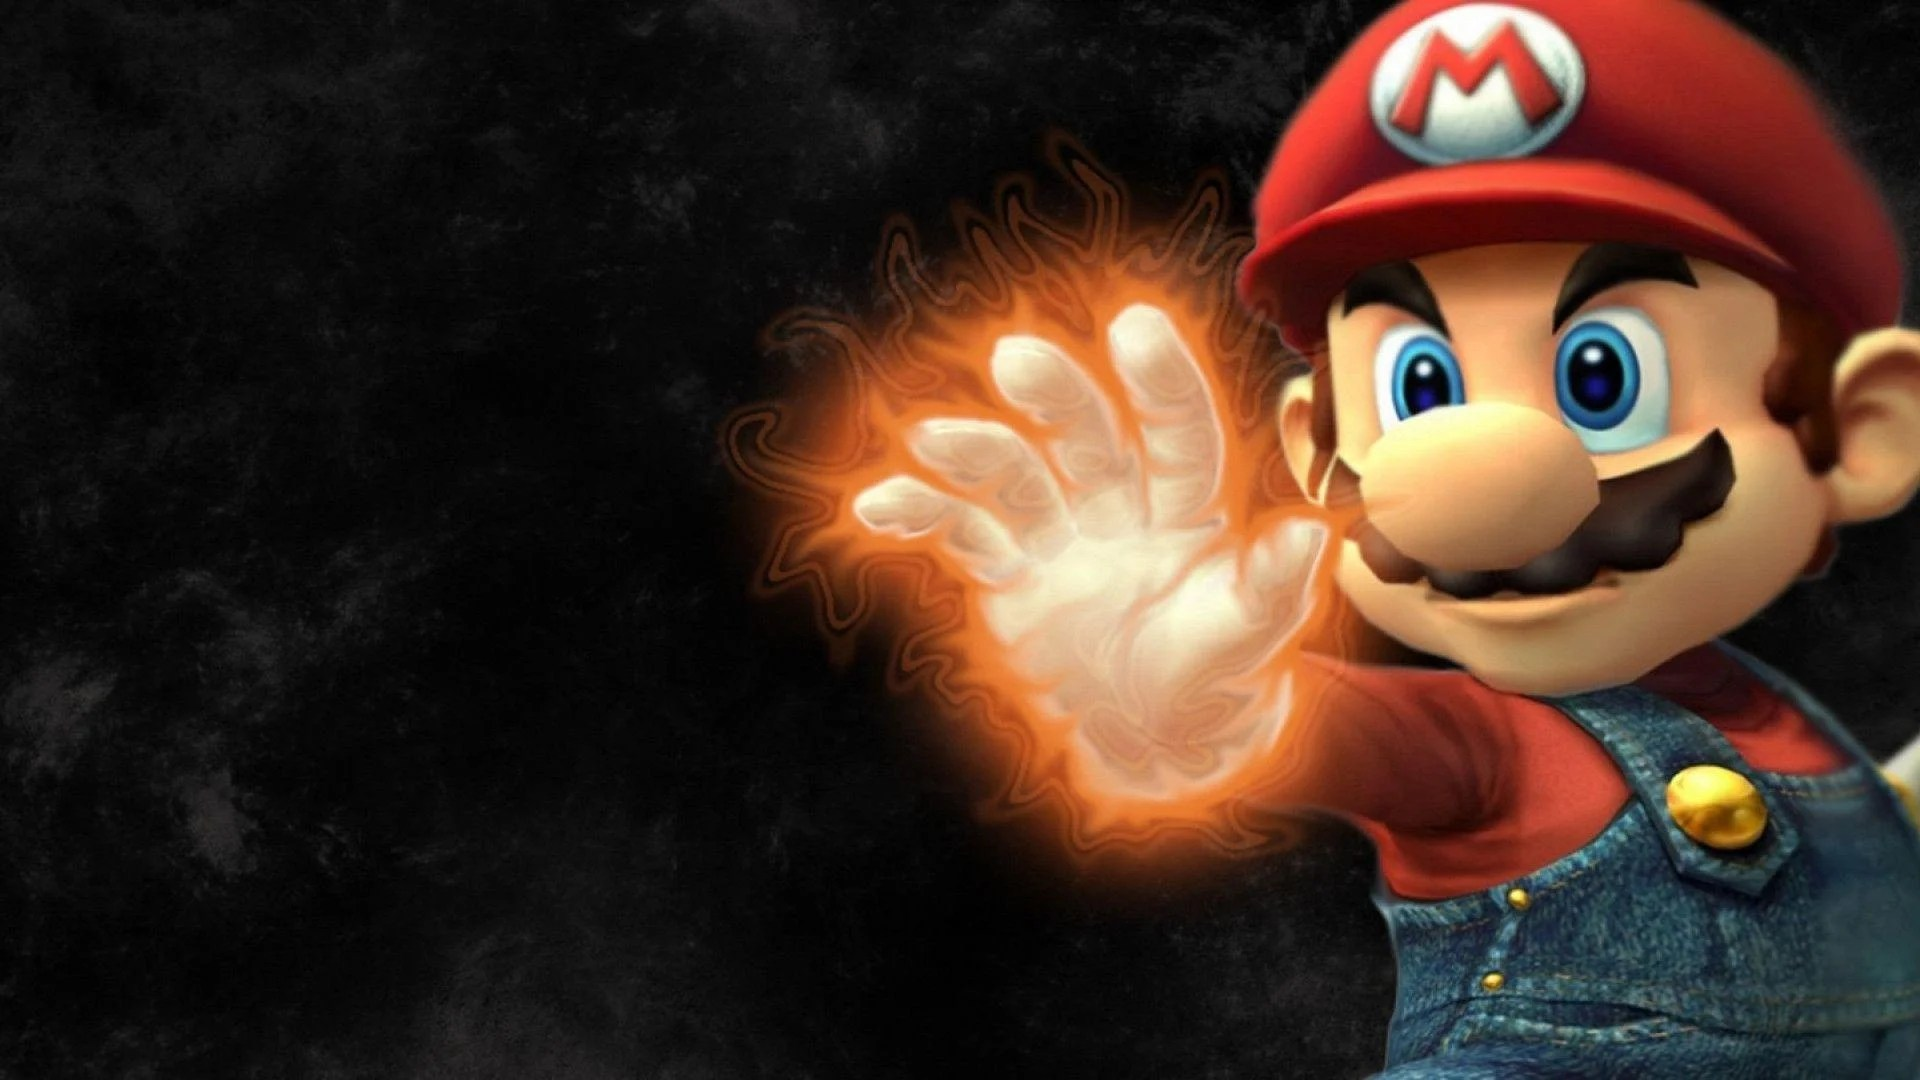 Super Mario Backgrounds  Wallpaper Cave